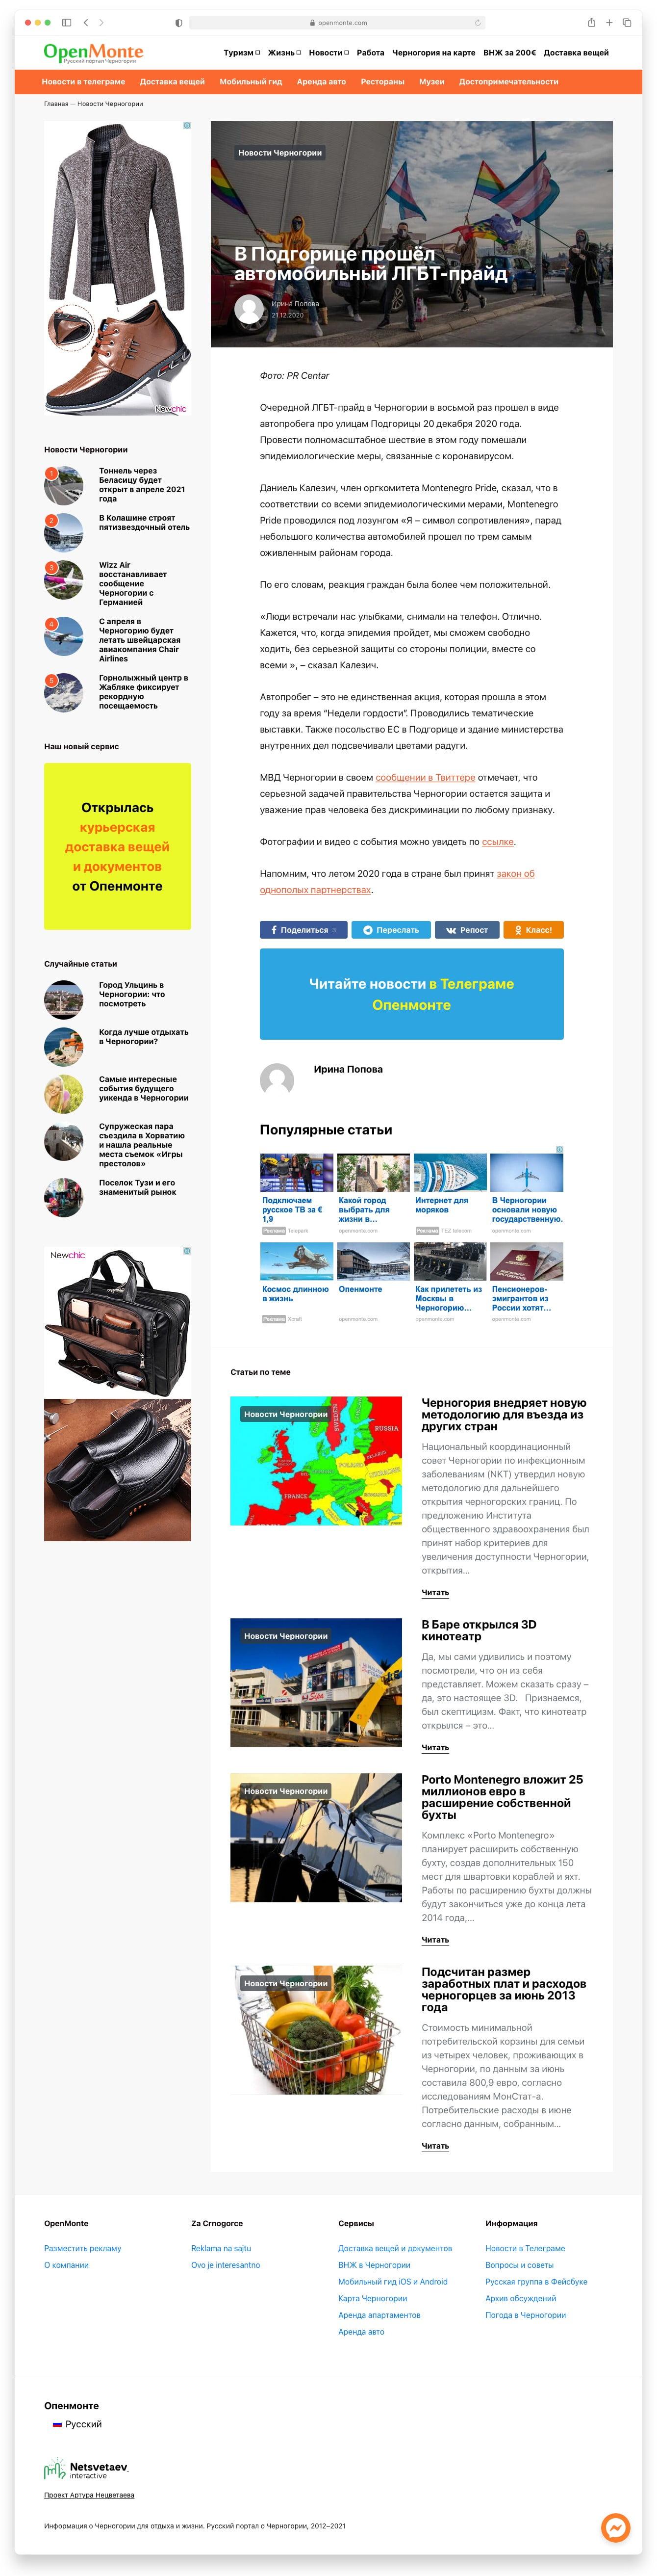 Туристический портал Опенмонте Сайт Артура Нецветаева — сайты, приложения, прототипы и оформление интерфейсов openmonte 2020 news artur netsvetaev design